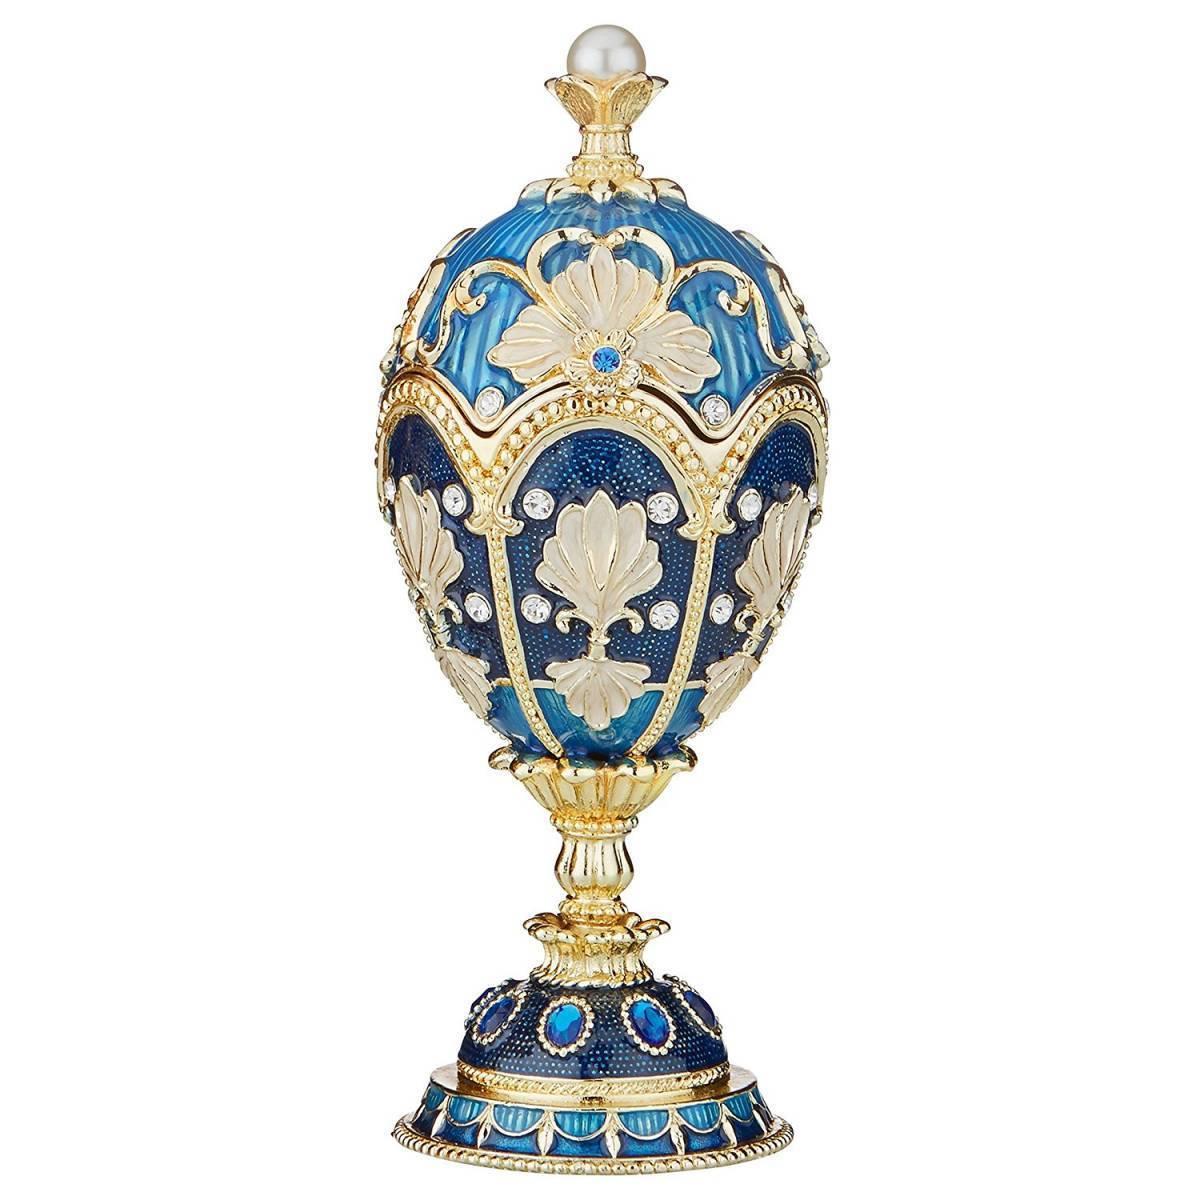 デザイン・トスカノ製 ニコライエヴィチ・ロマノフスタイル ファベルジュ・エッグ エナメルエッグ 彫像 彫刻(輸入品